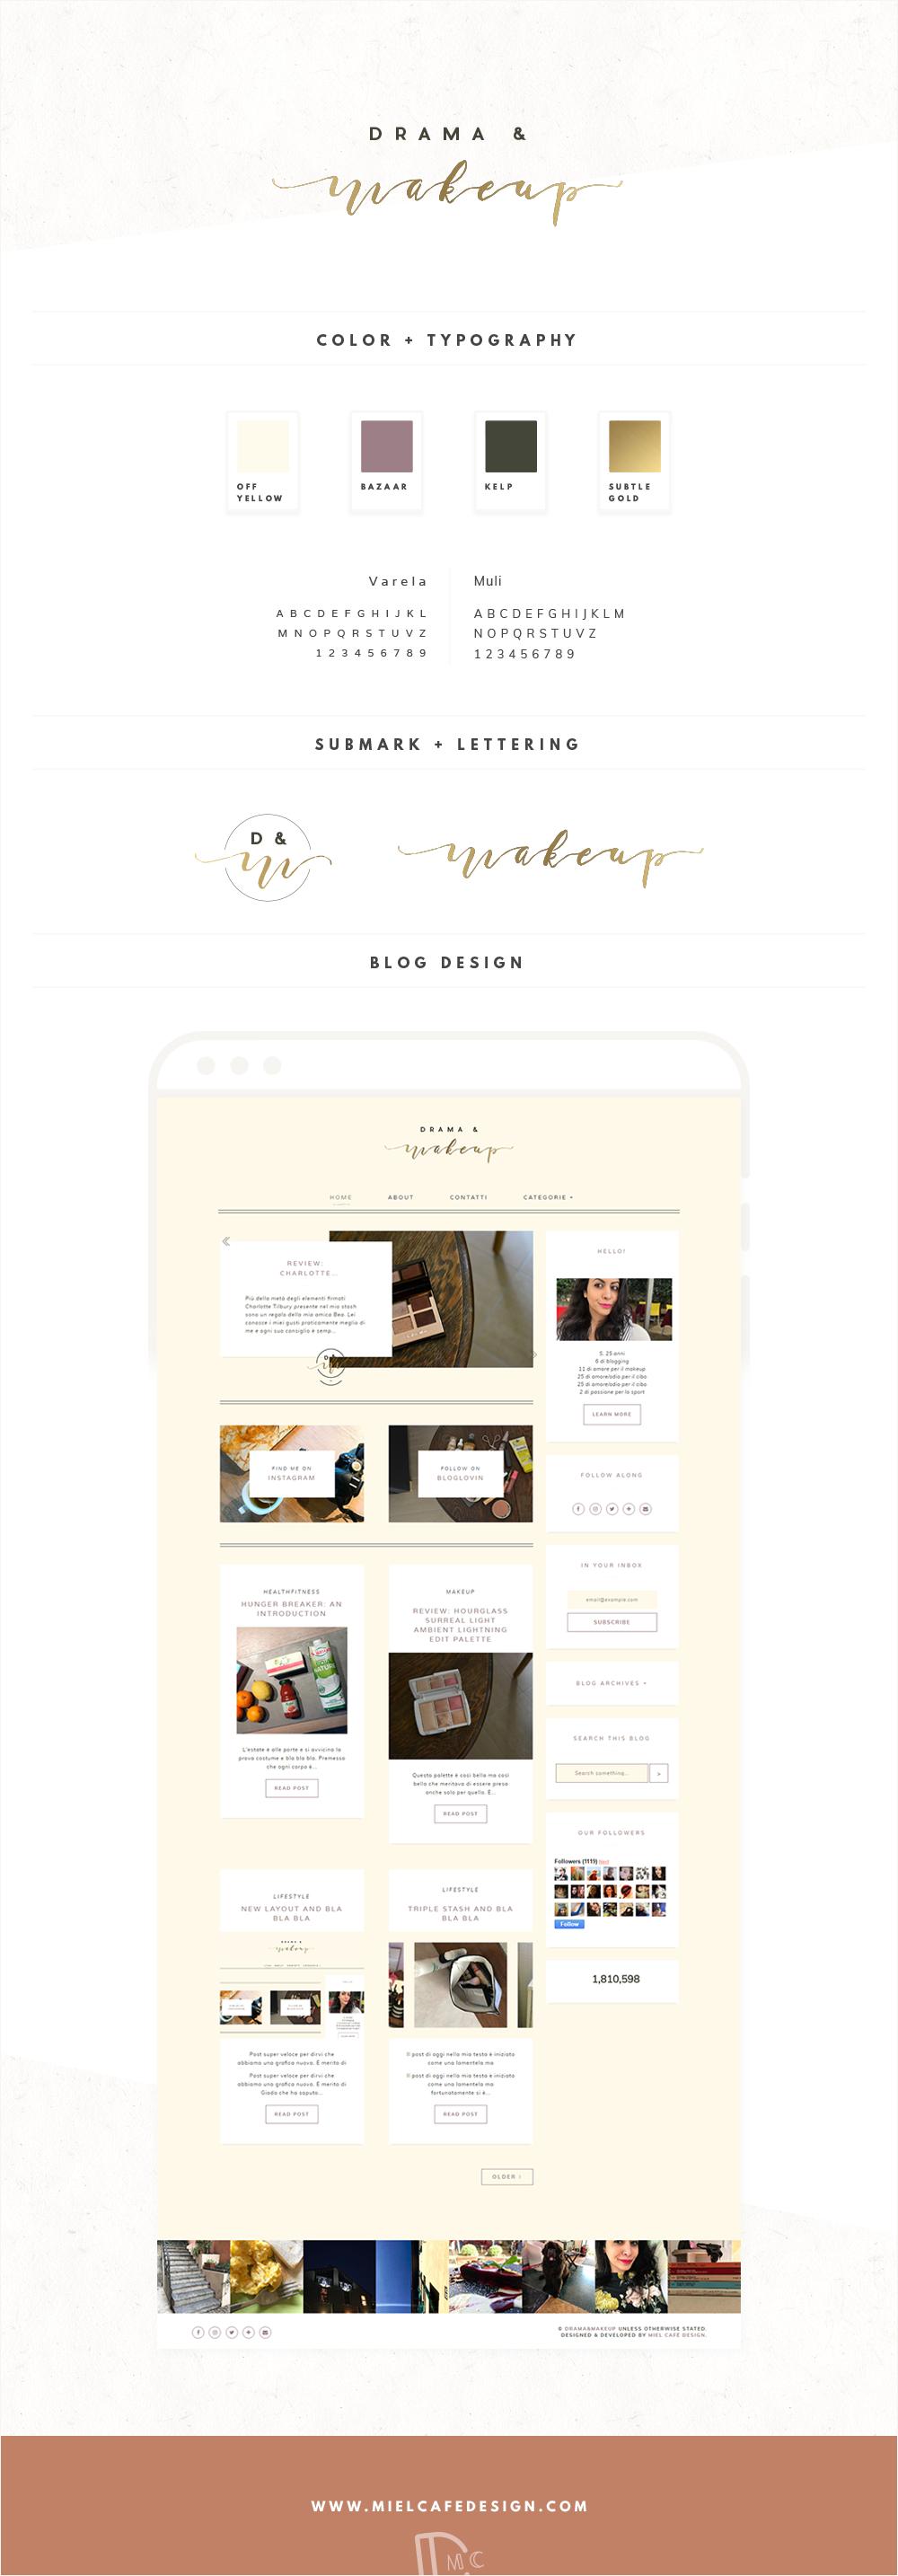 Drama & Makeup Blog Design Personalizzato